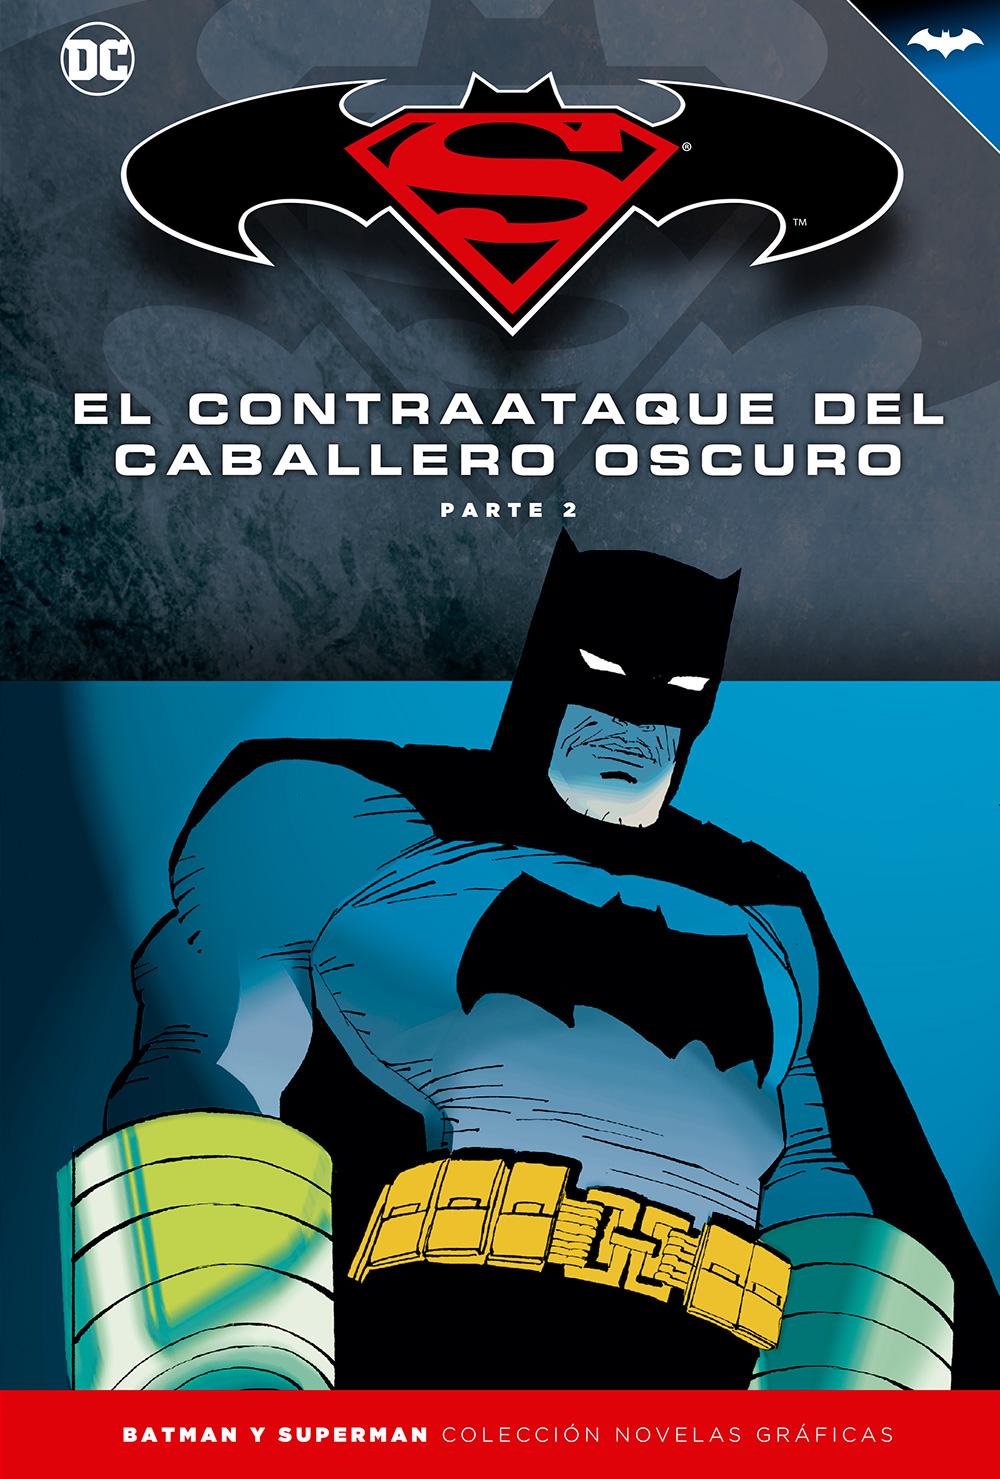 [DC - Salvat] Batman y Superman: Colección Novelas Gráficas - Página 5 Portada_BMSM_10_contraataque_caballero_parte2